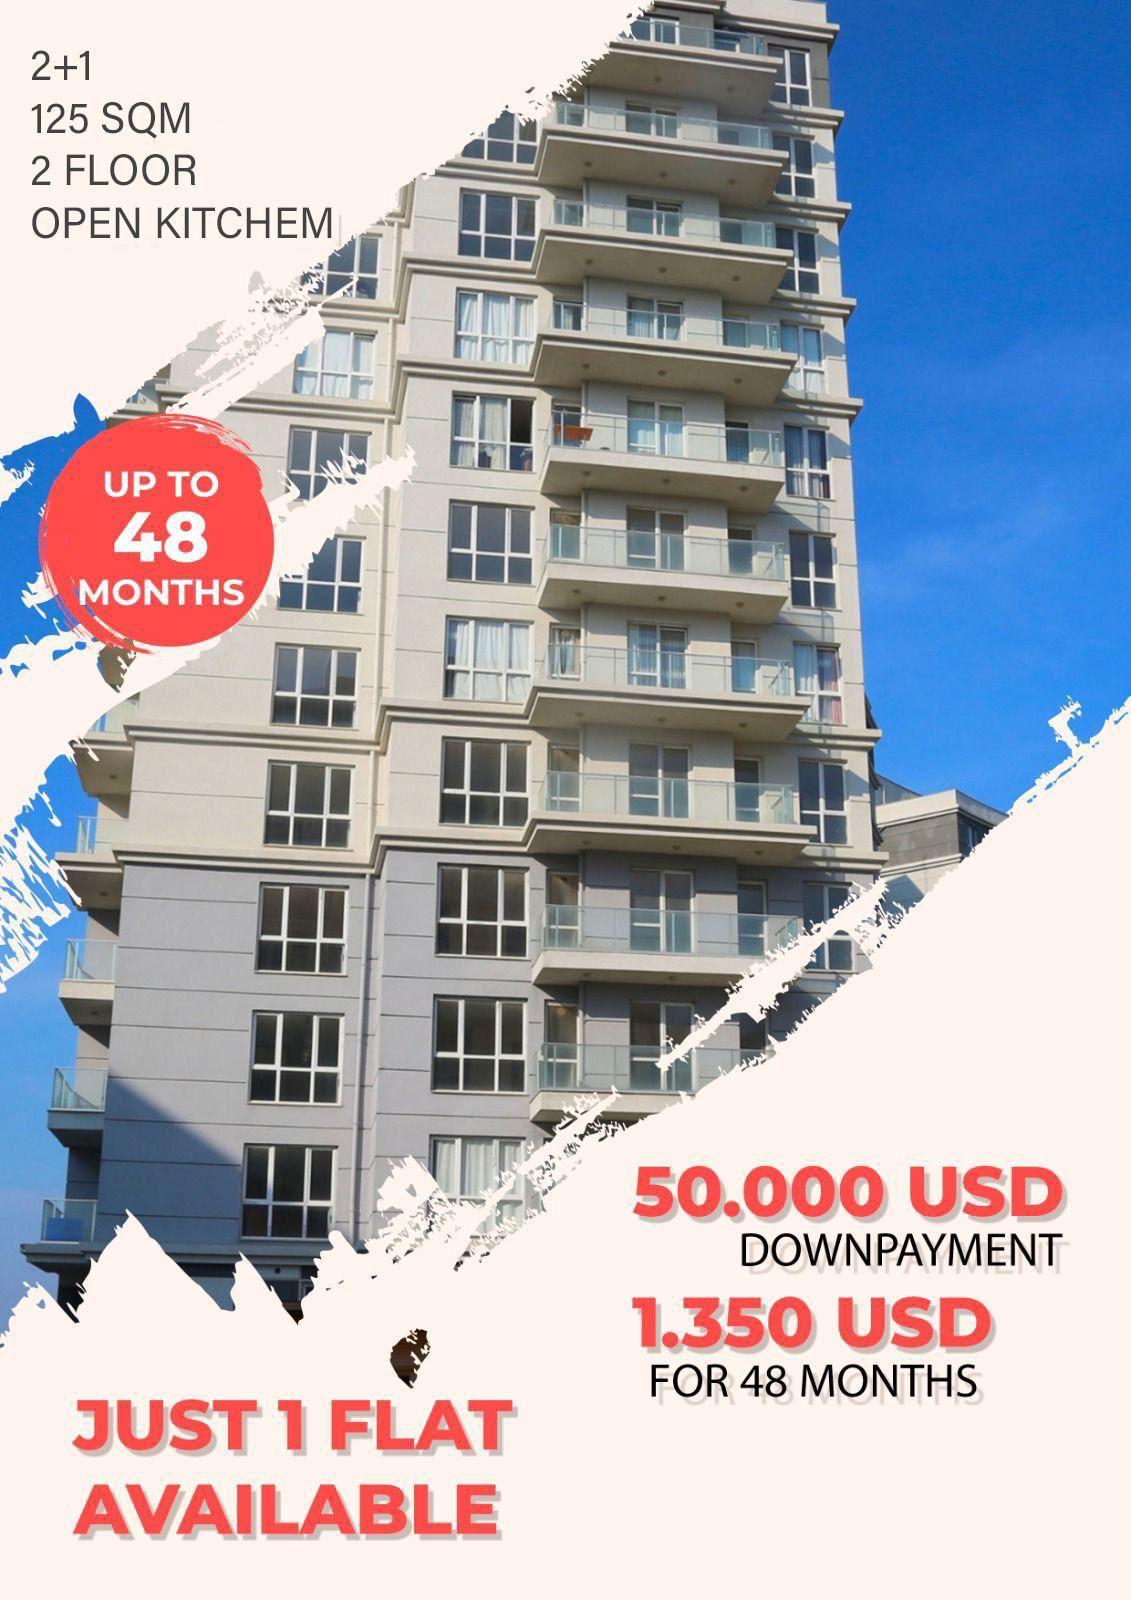 شقة للبيع في اسطنبول بهشا شهير 2+1 قرب القناة المائية